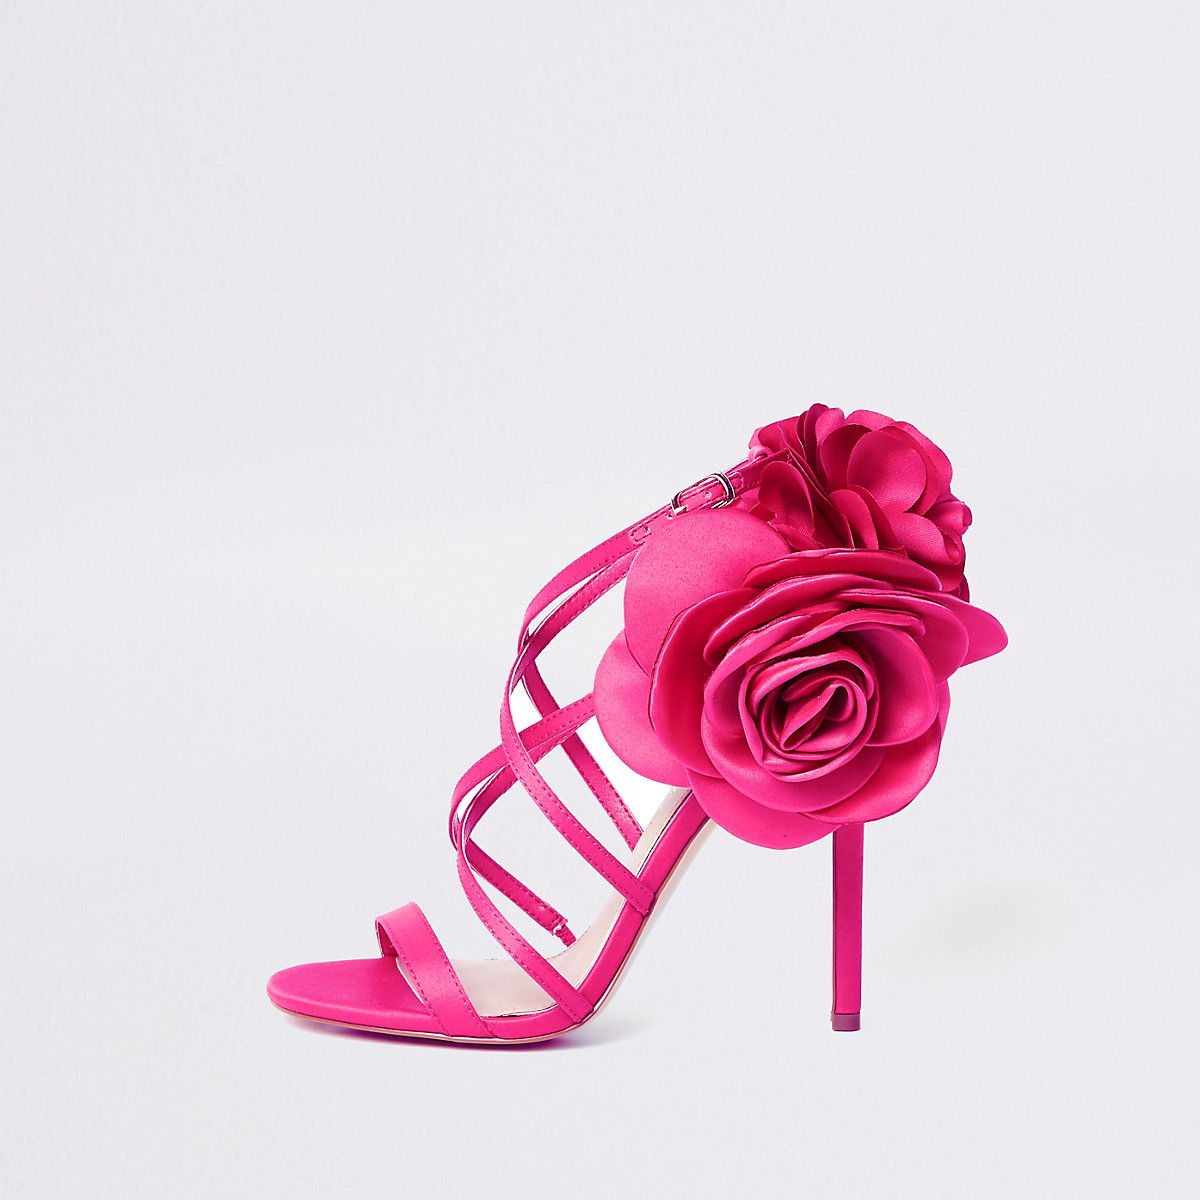 Pink flower strappy stiletto heel sandals